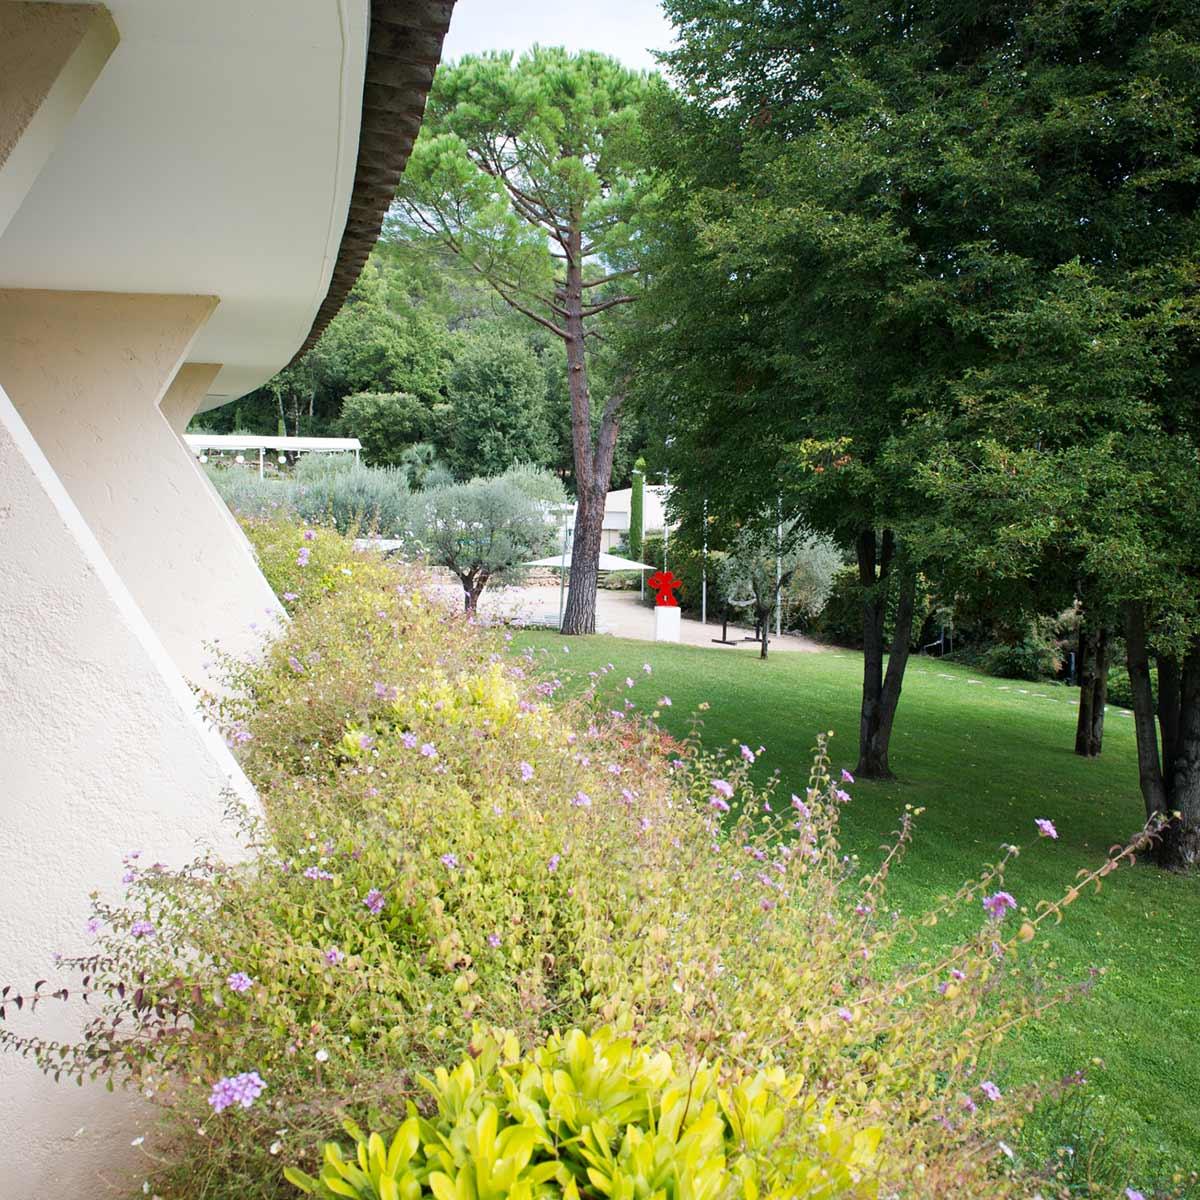 Les chambres luxes de la vague de saint paul - Petit jardin hotel san juan saint paul ...